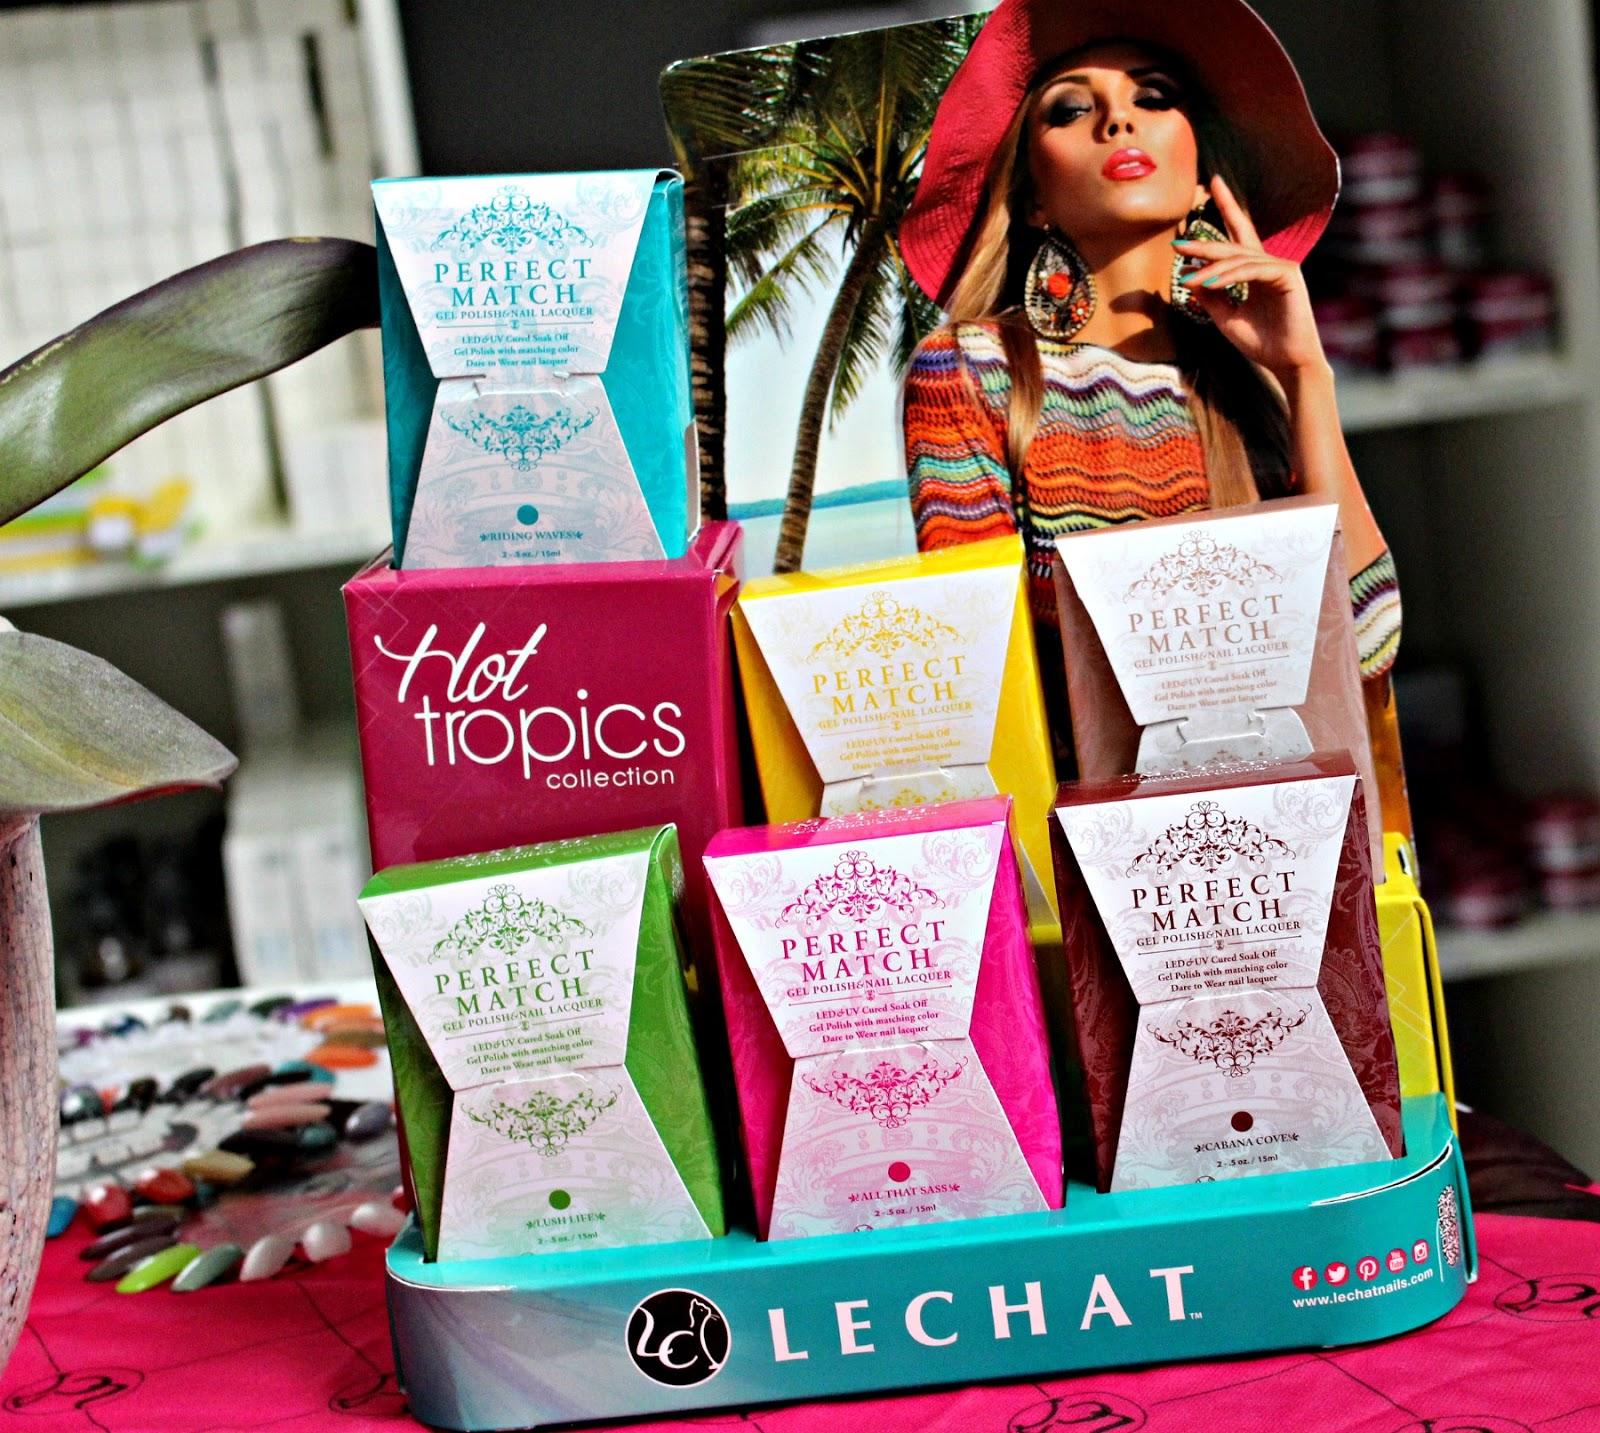 Le Chat Hot Tropics